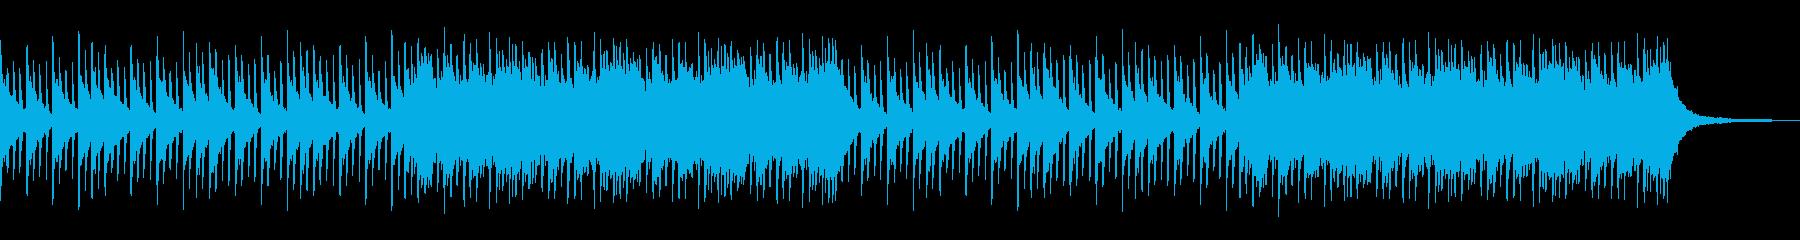 メロディー無し 切ない ピアノ ギターの再生済みの波形